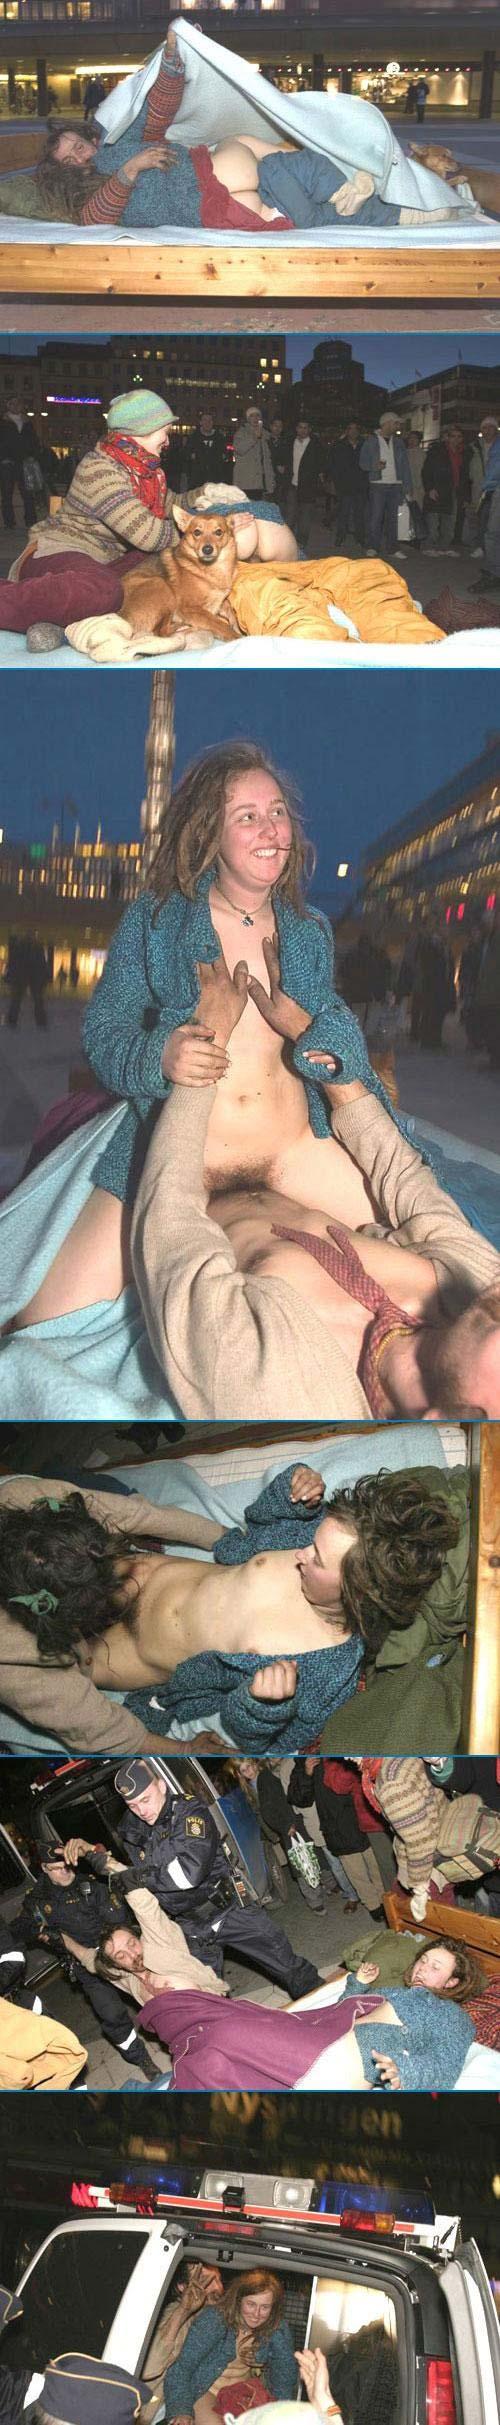 Levantamiento desnudo y llevar